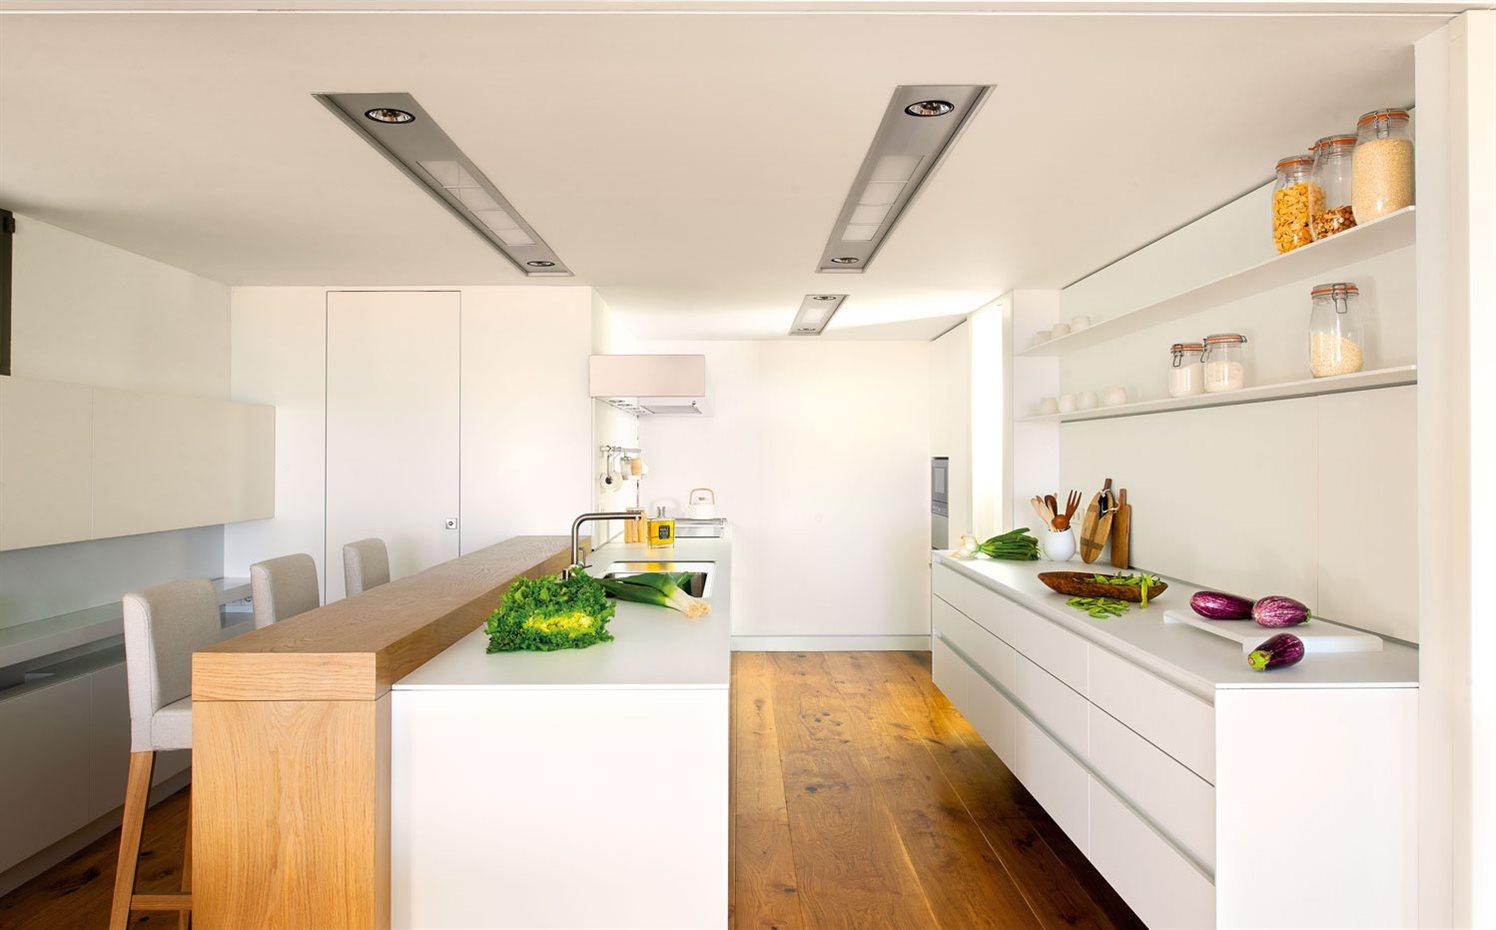 Pintar de blanco la mejor soluci n para reformar la cocina for Cotizacion cocina